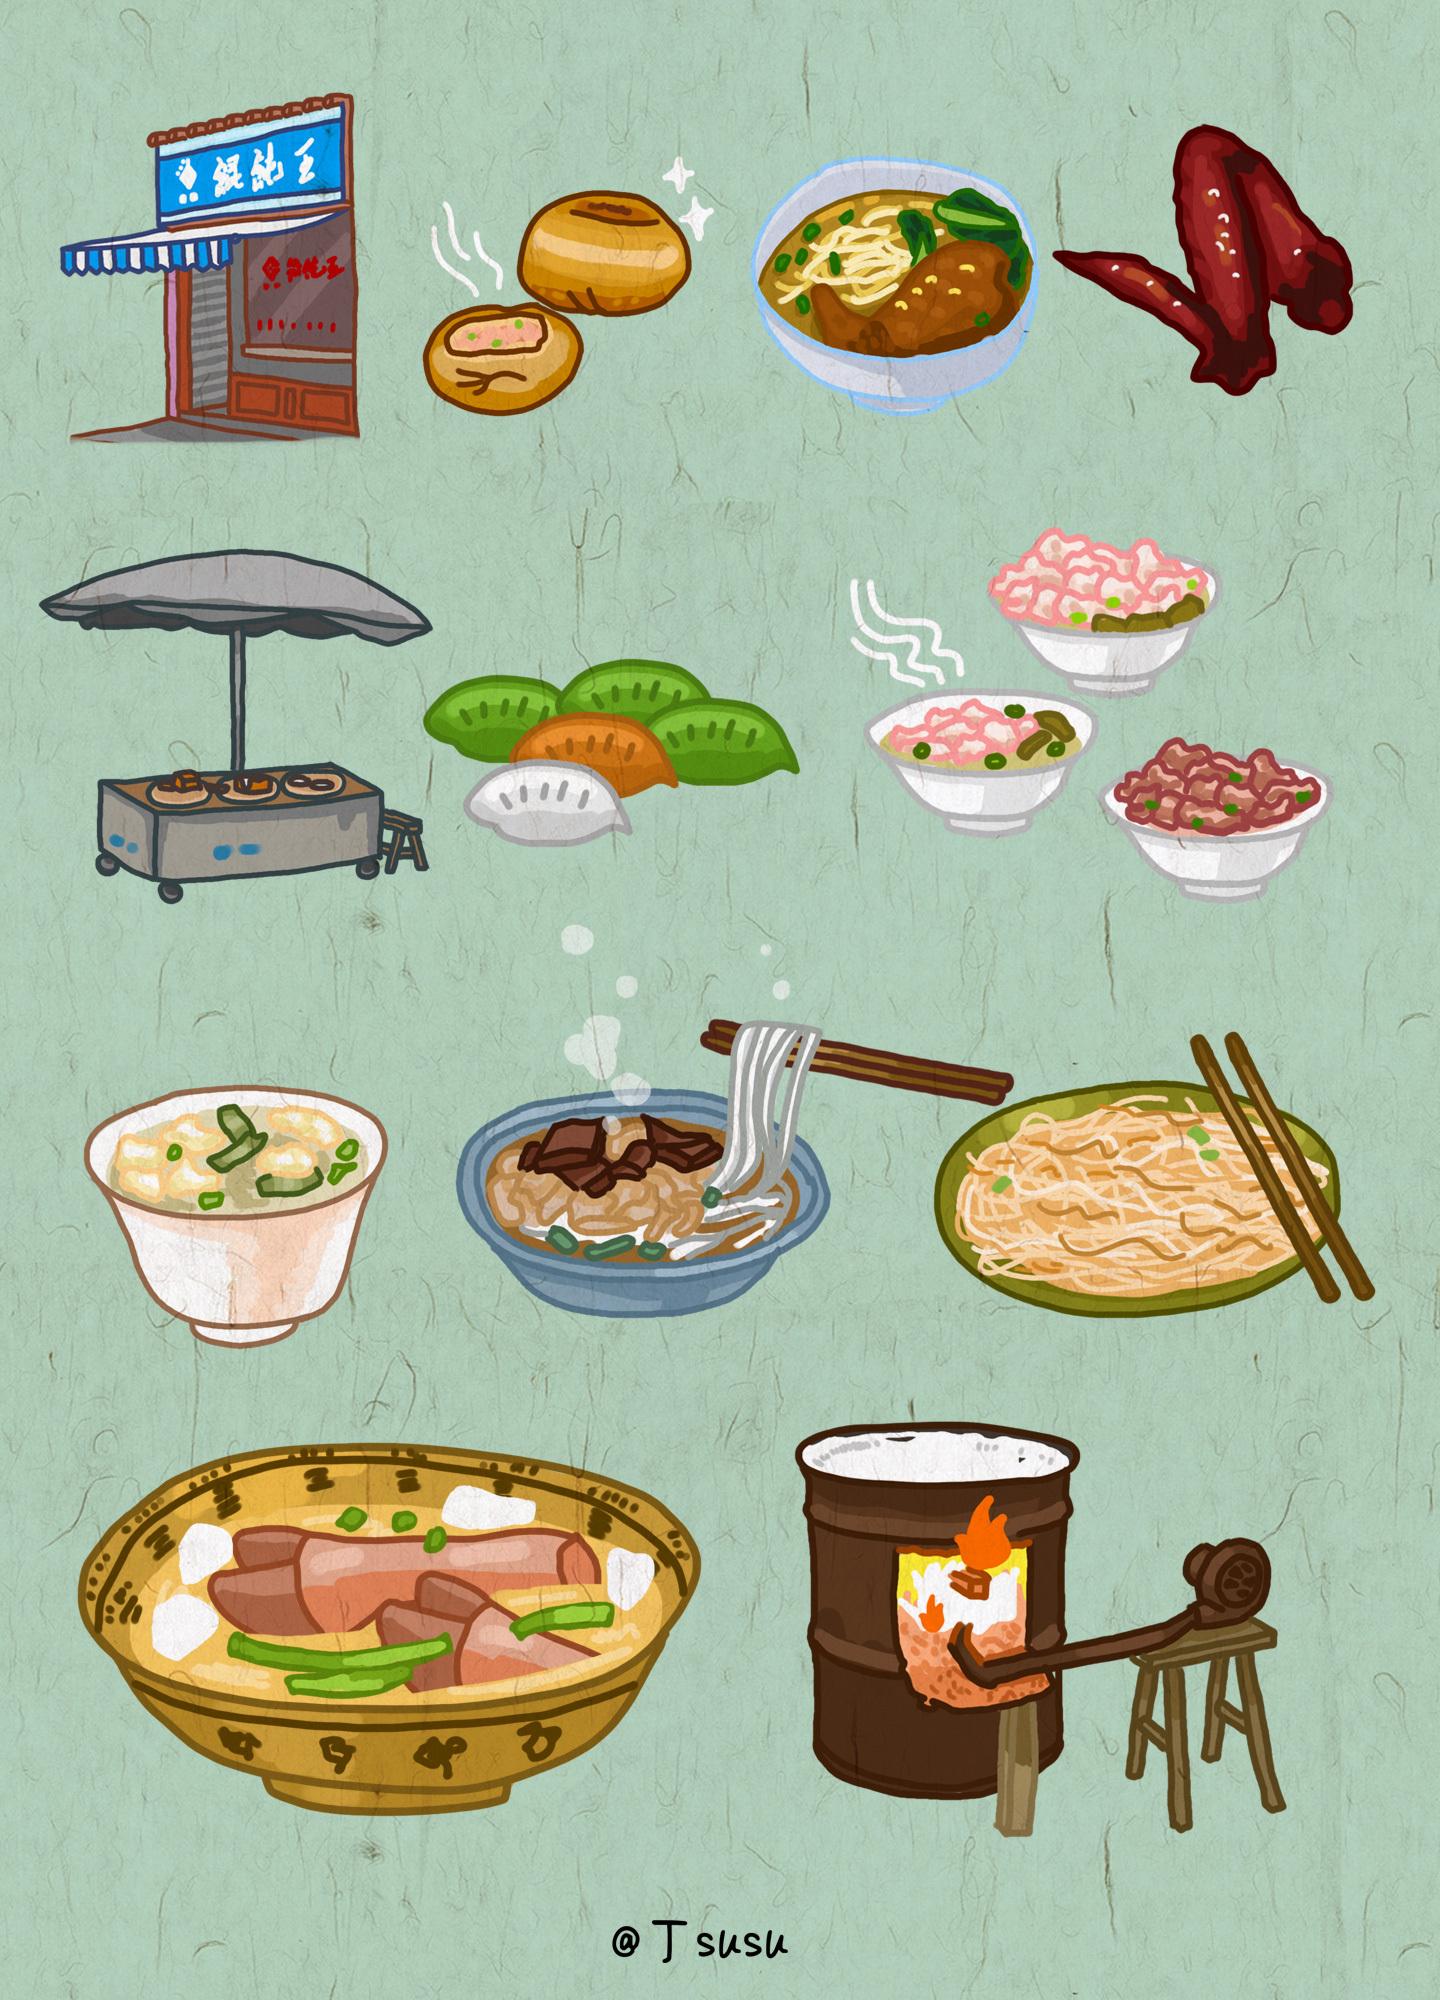 福鼎小吃美食手绘地图